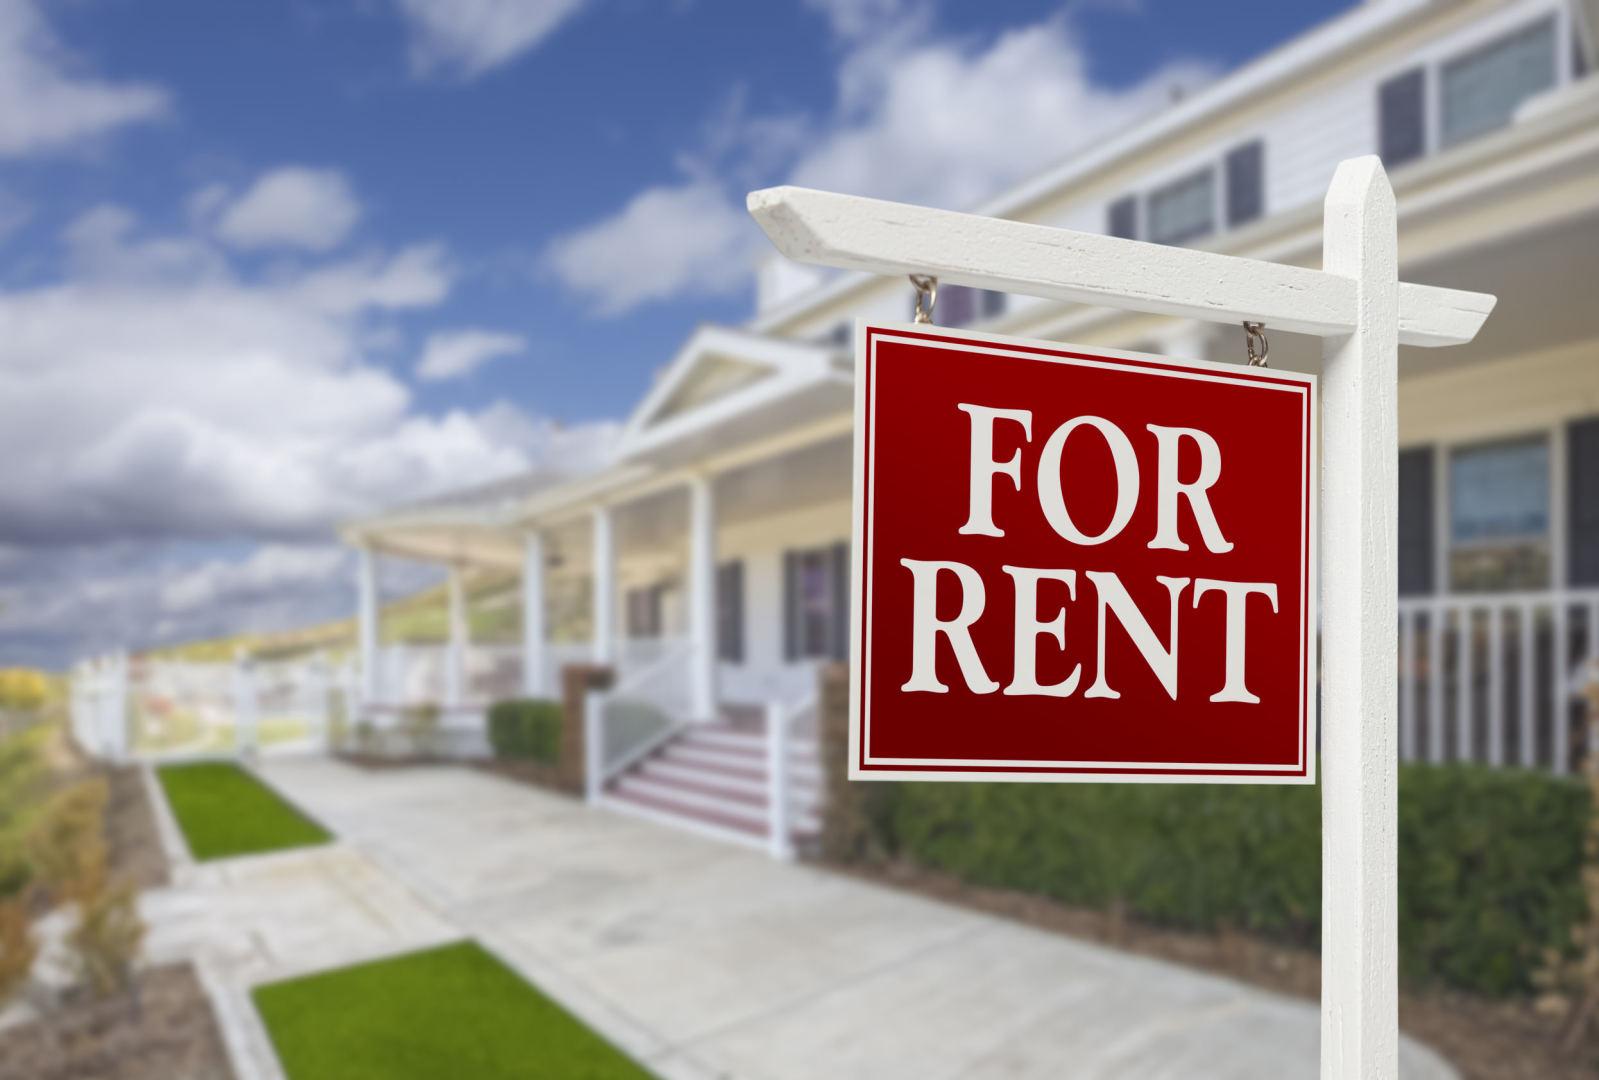 Įžūlumo mokestis už būsto nuomą: tenka atseikėti ir už negautą paslaugą | mphoto.lt